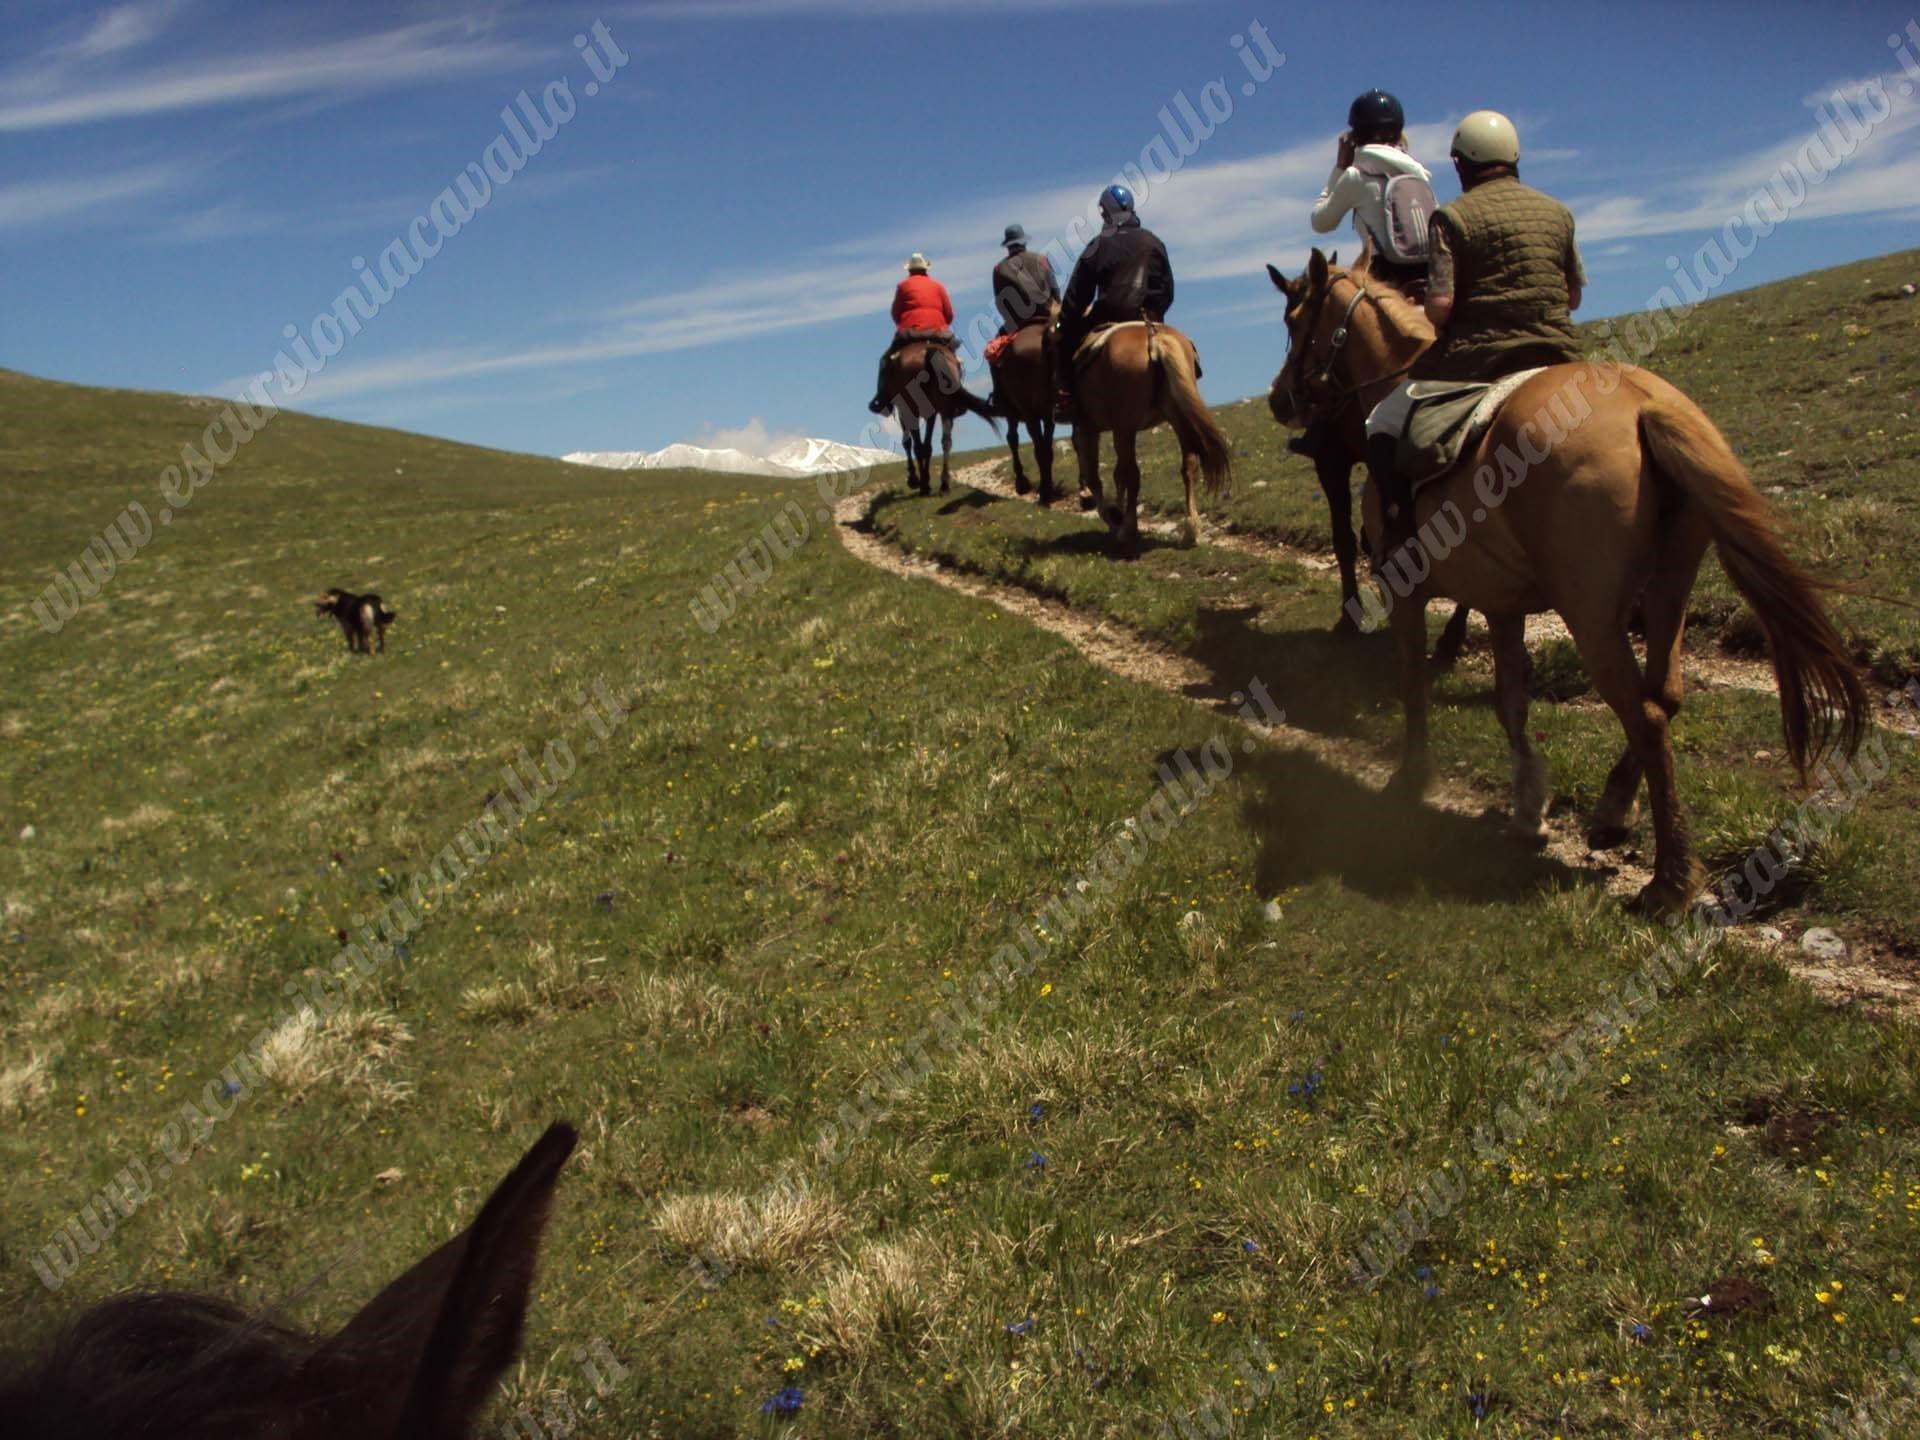 Escursioni sicure in montagna con guida equestre